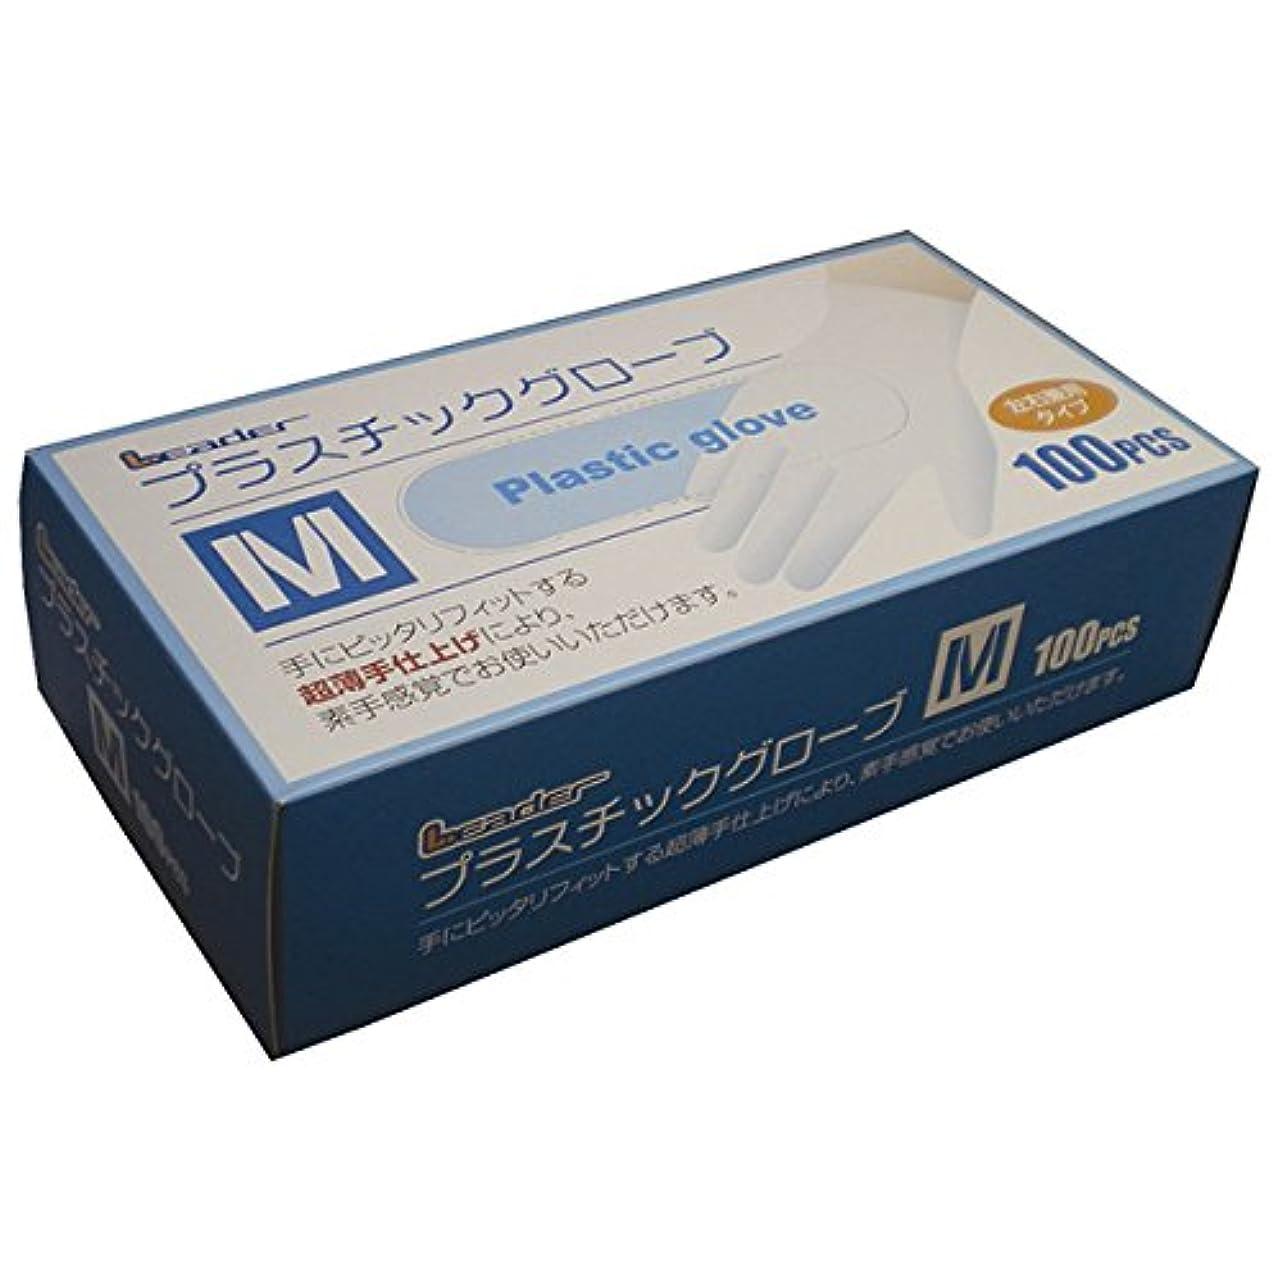 汚染すでに調整可能日進医療器株式会社:LEプラスチックグローブMサイズ100P 10個入 784492